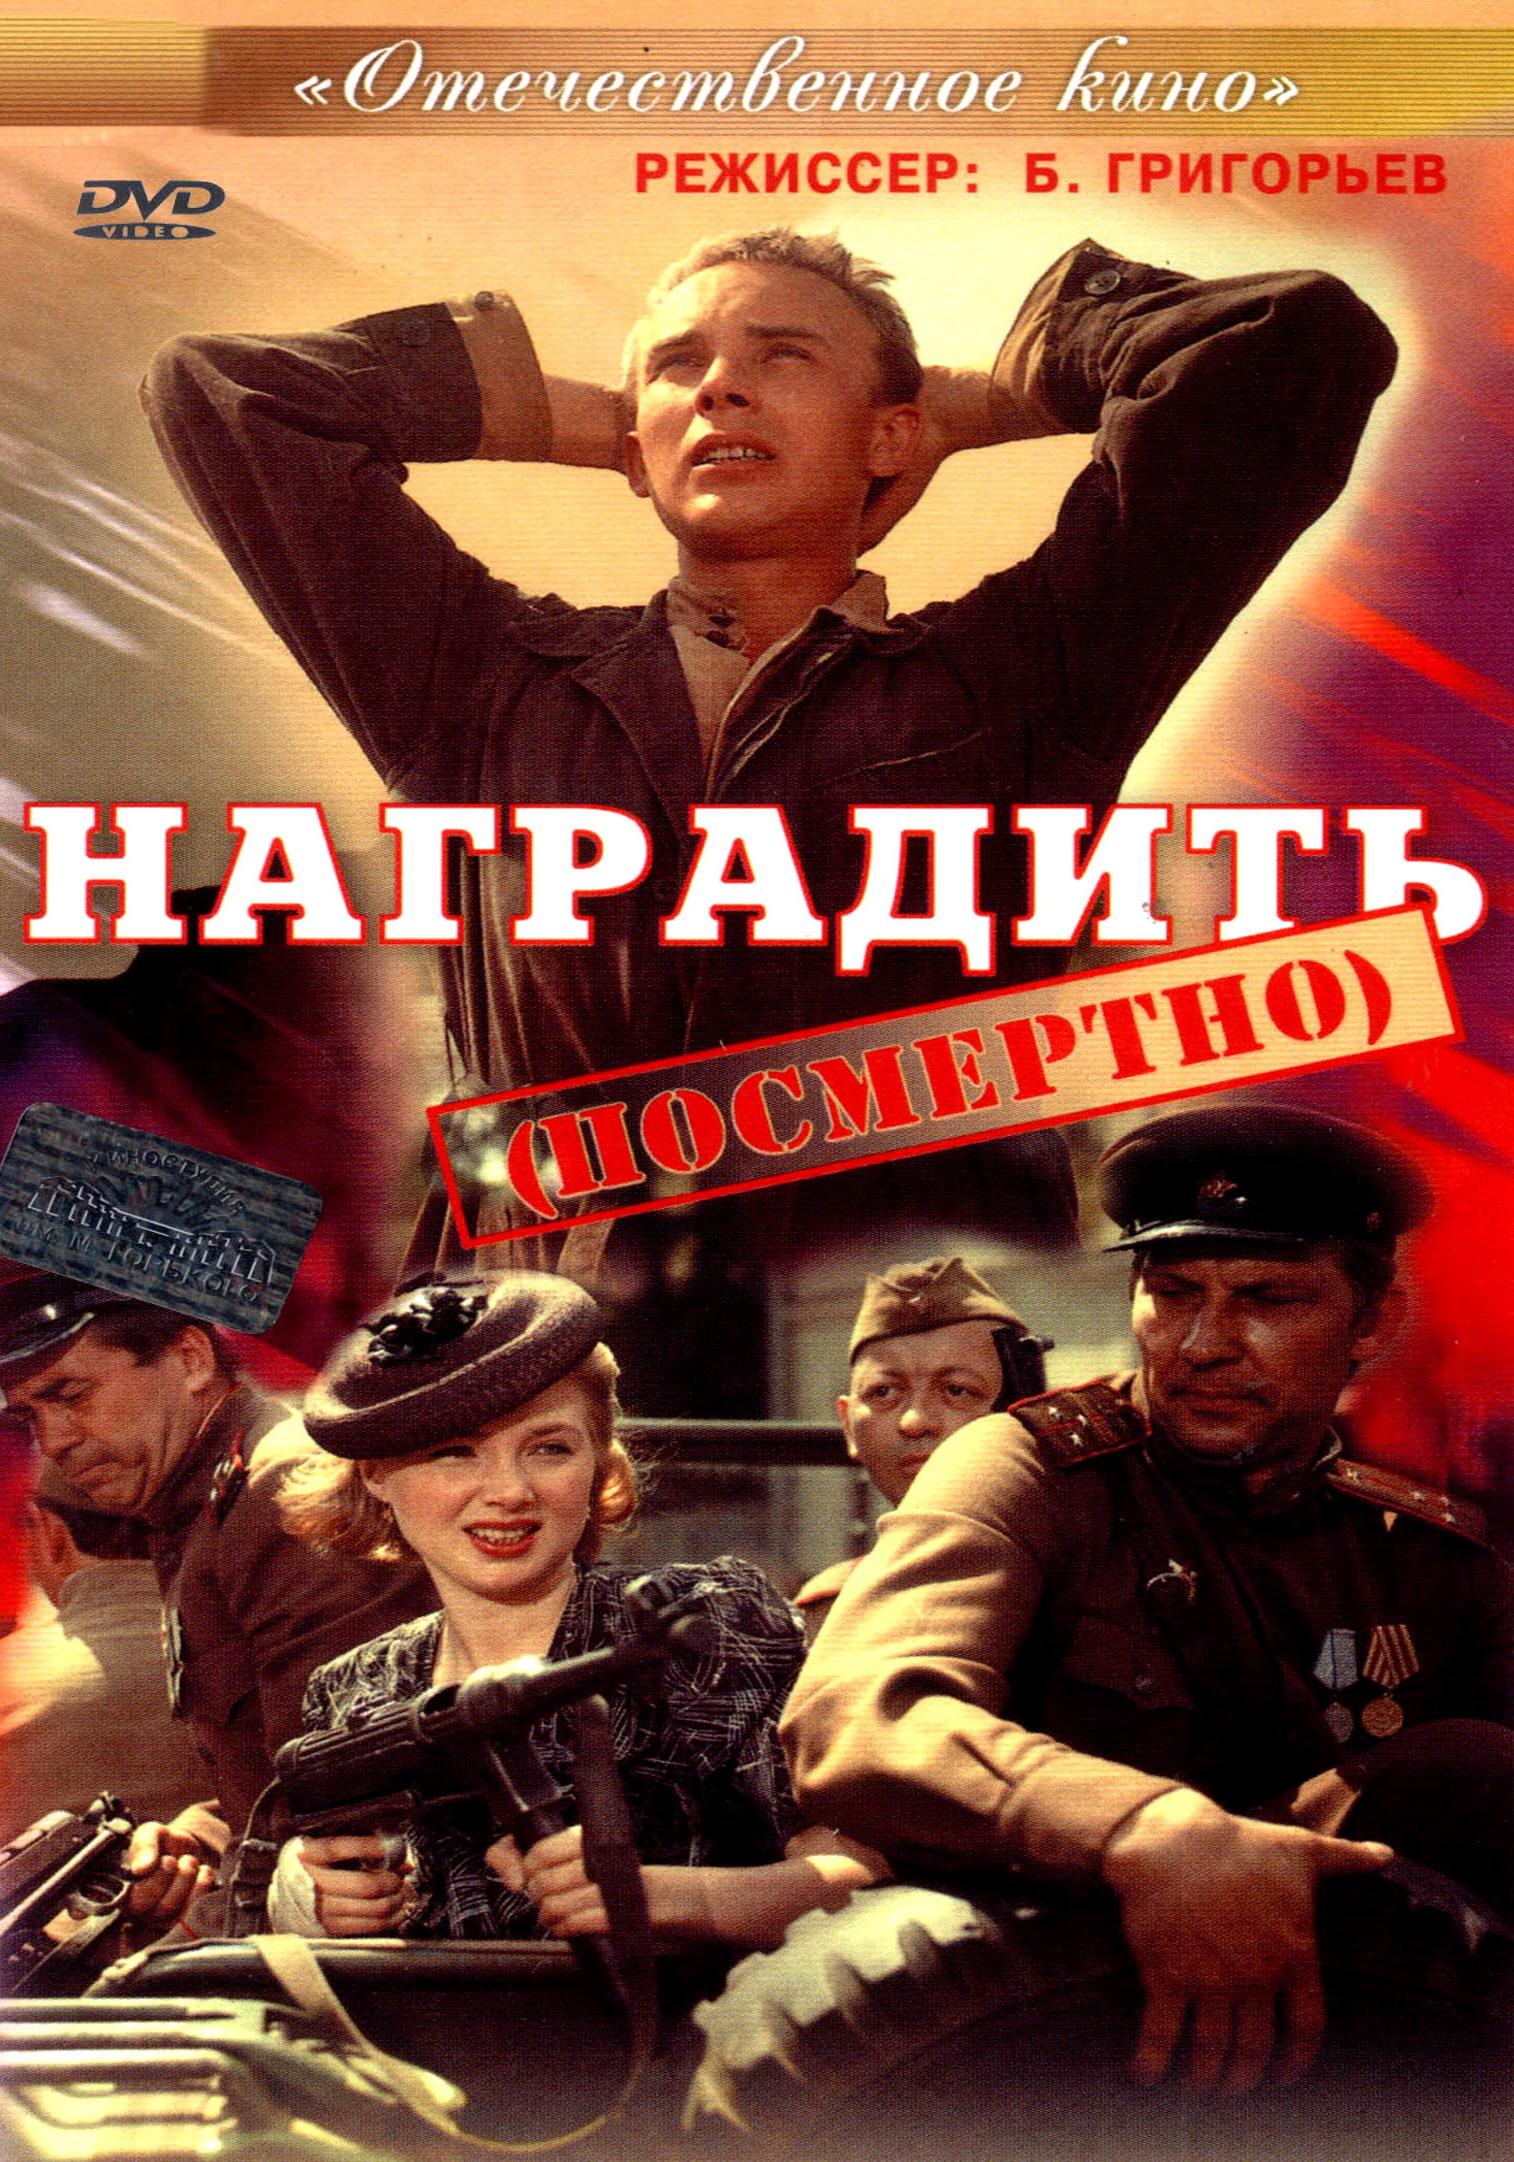 «Русские Сериалы Боевики Криминал Смотреть Онлайн» — 2004